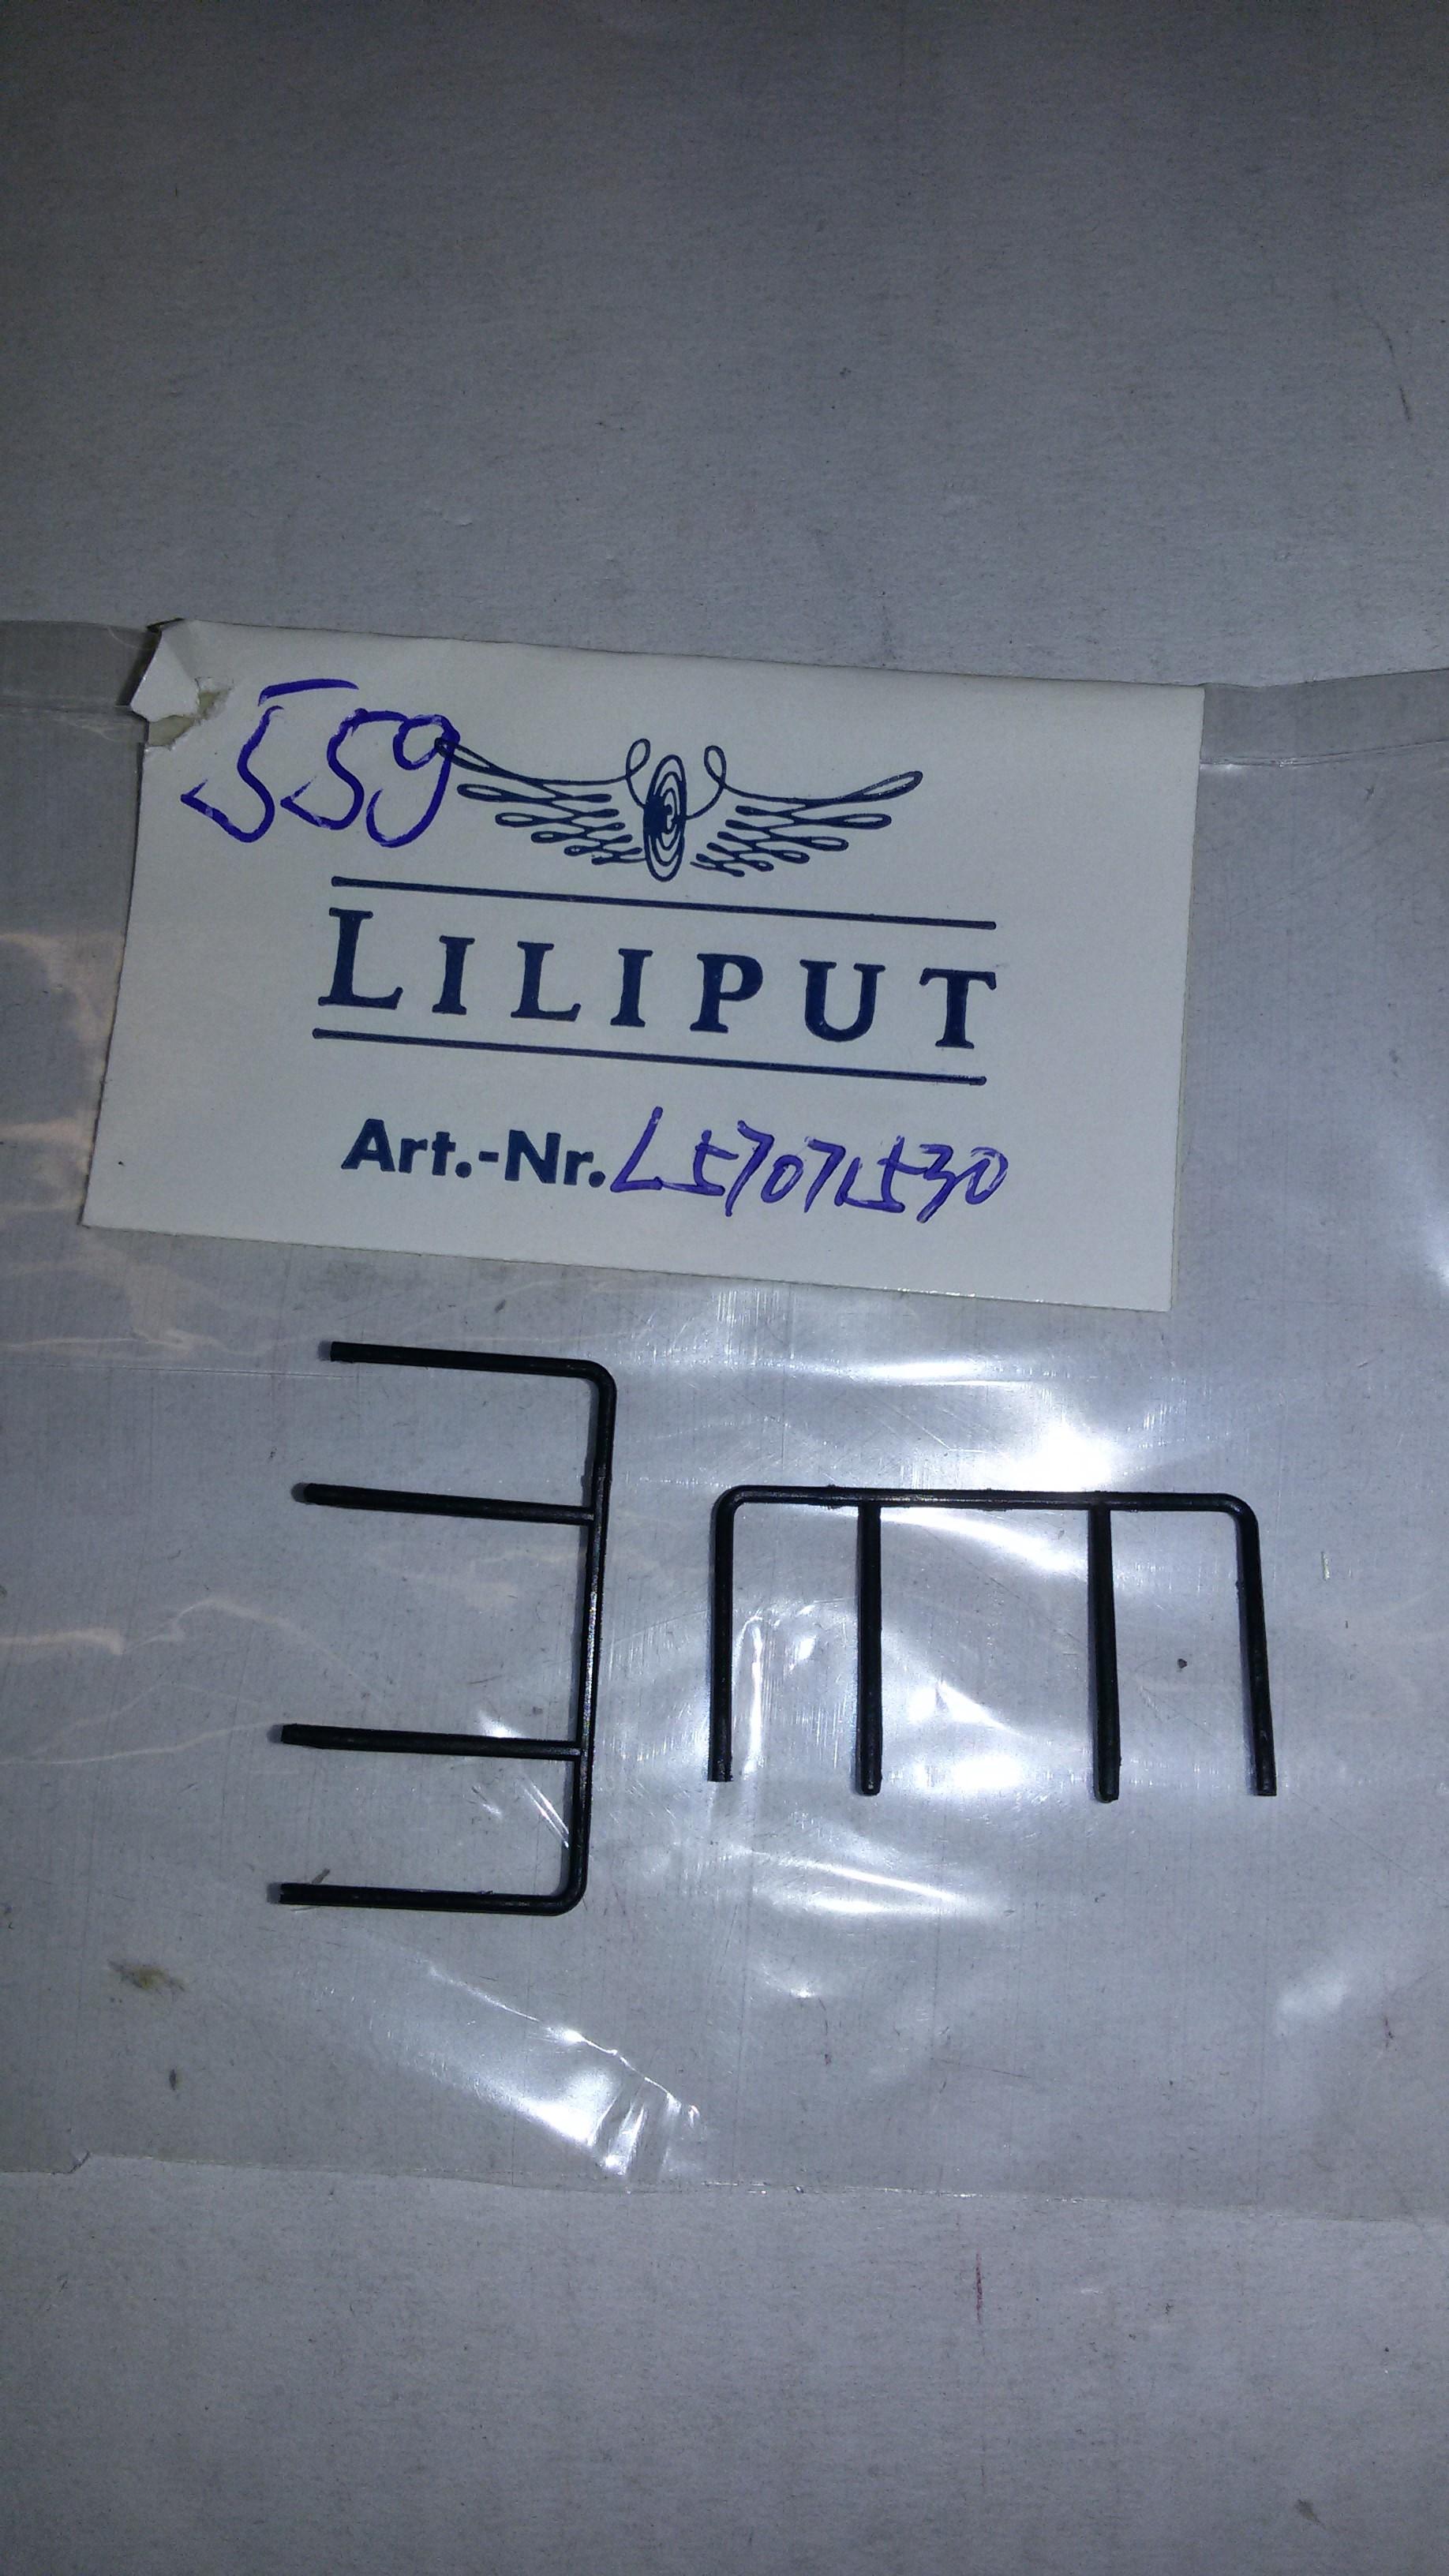 *LO 559* Liliput Ersatzteil L57071530 Geländer vorn/hinten L170715